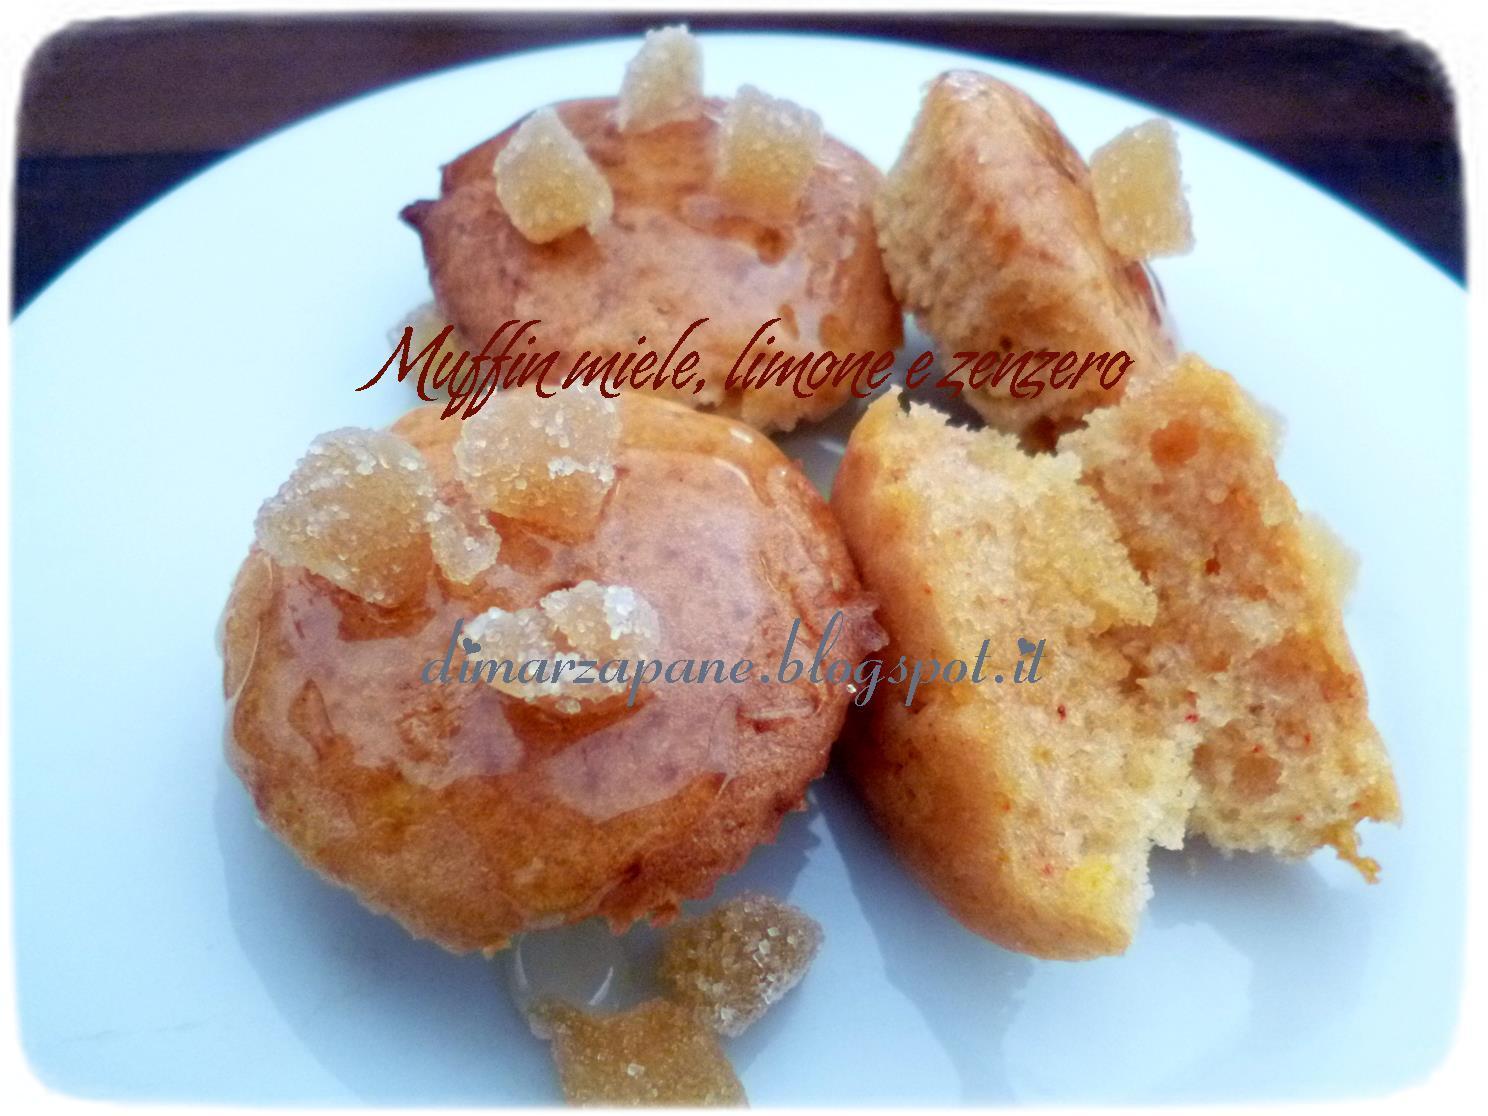 muffins d'albumi al miele, limone e zenzero